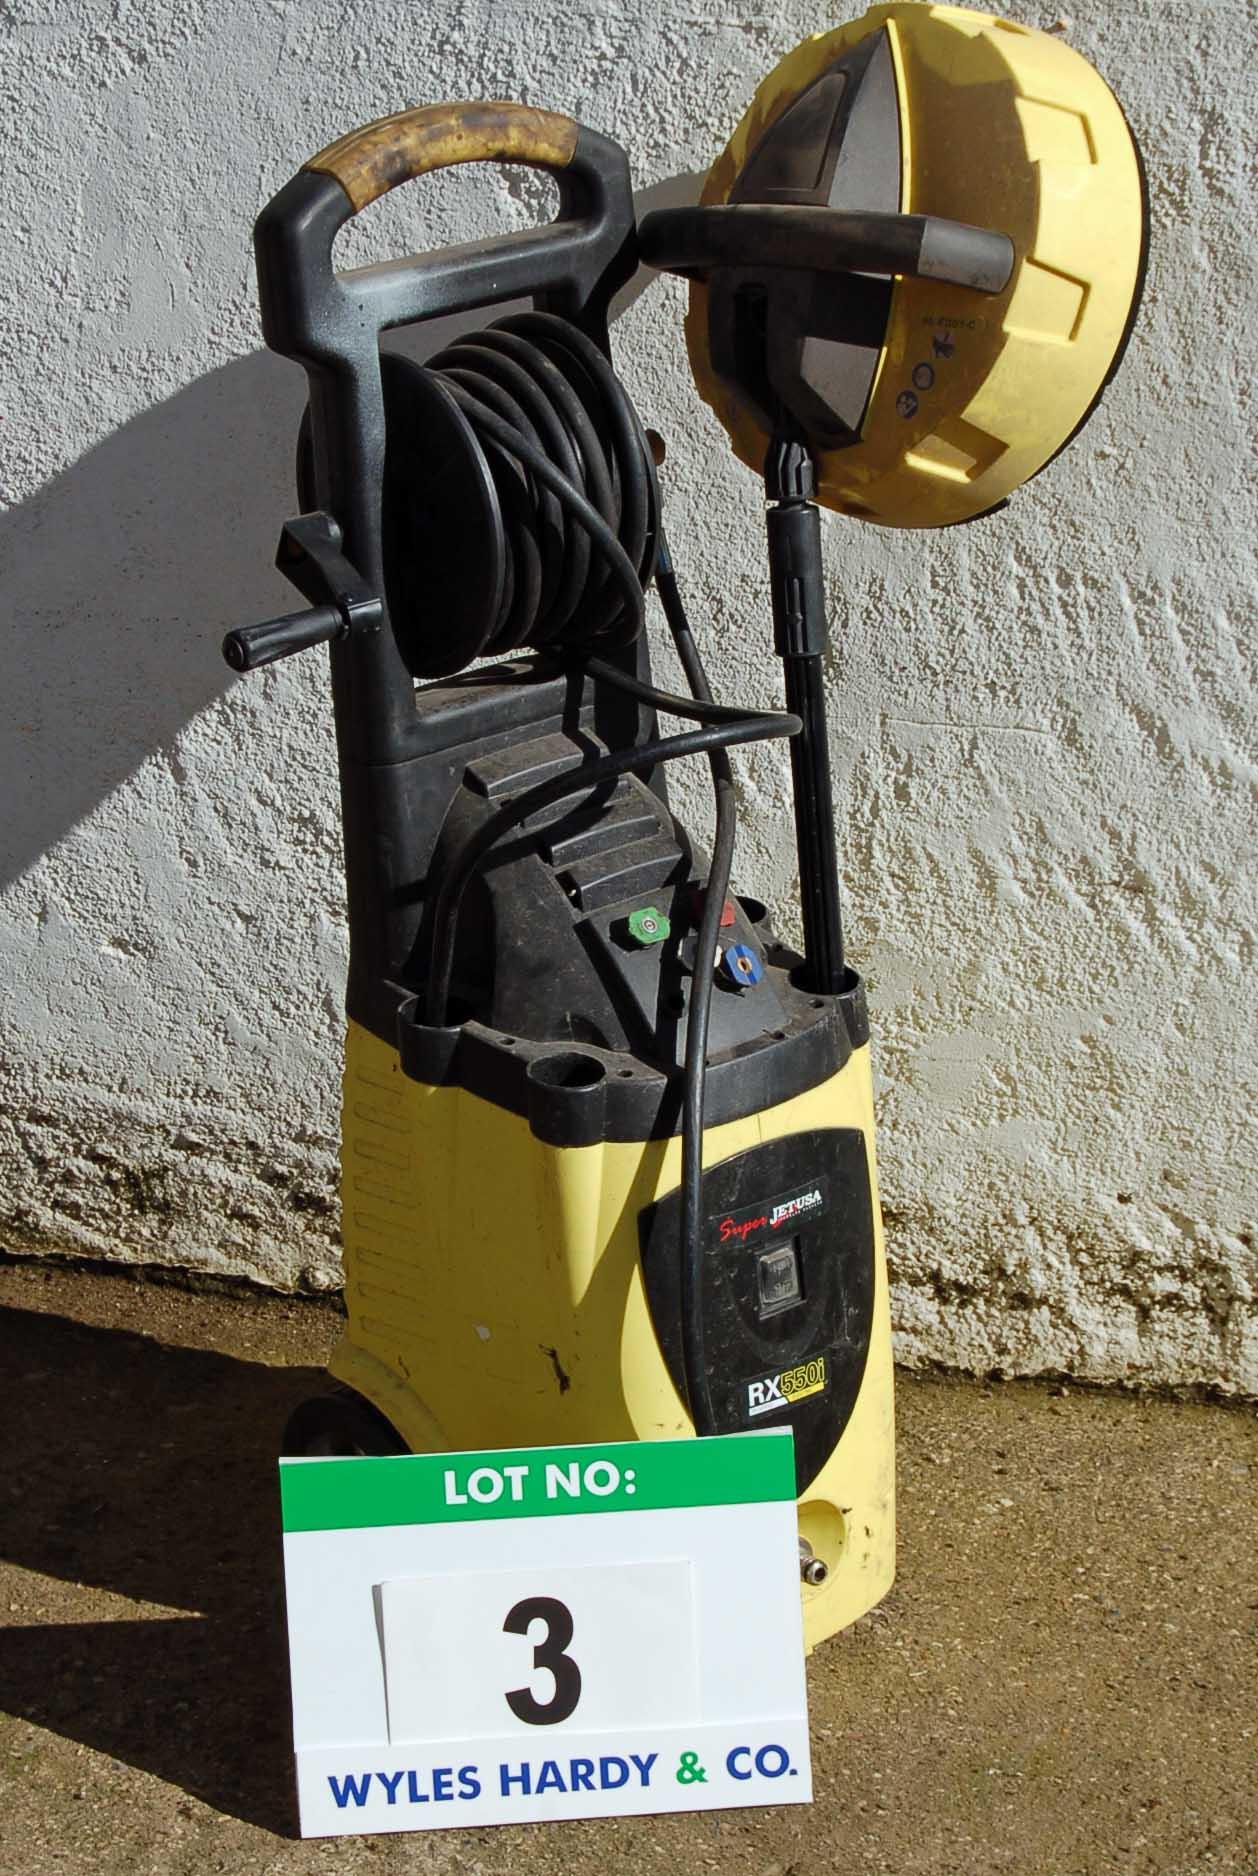 Lot 3 - SUPERJET USA RX550i Mobile Pressure Washer (240V) Note: Lance Missing